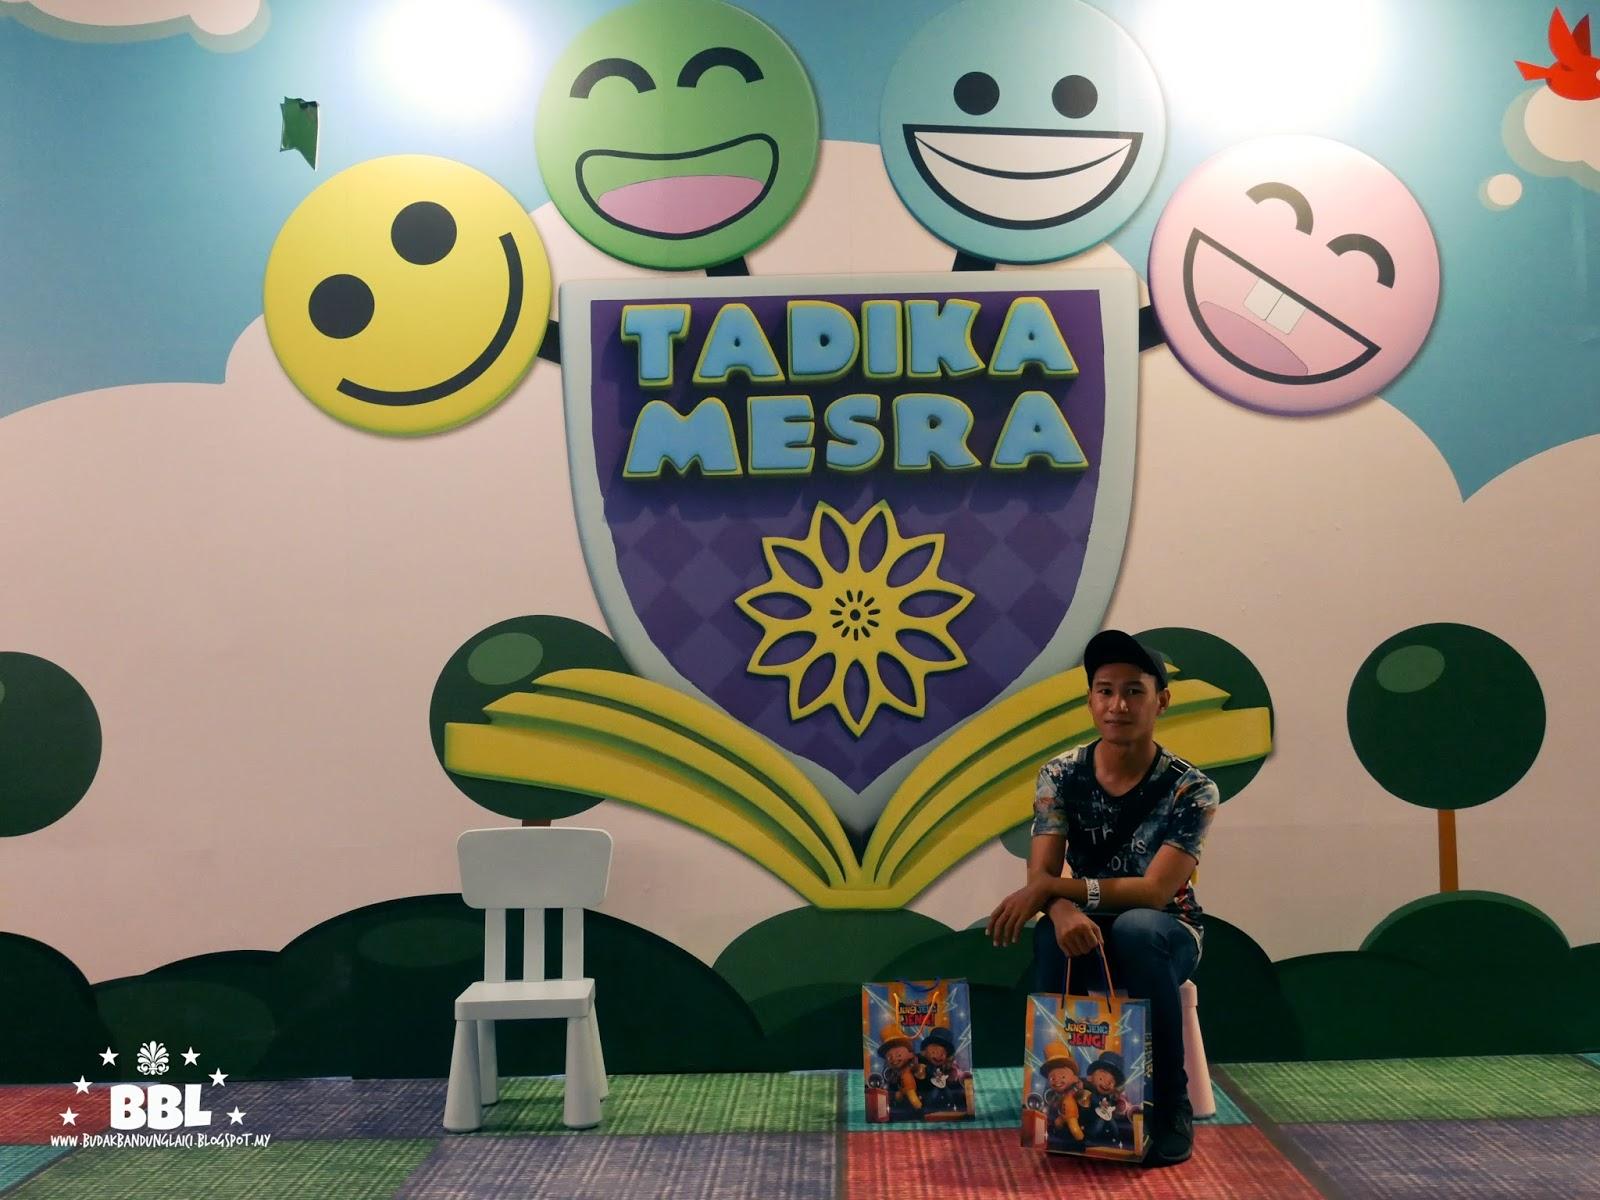 Boleh selfie kat depan pintu gerbang Tabika Mesra atau backgroup poster kawan kawan Upin Ipin Rasa rindu nak kembali zaman sekolah tadika